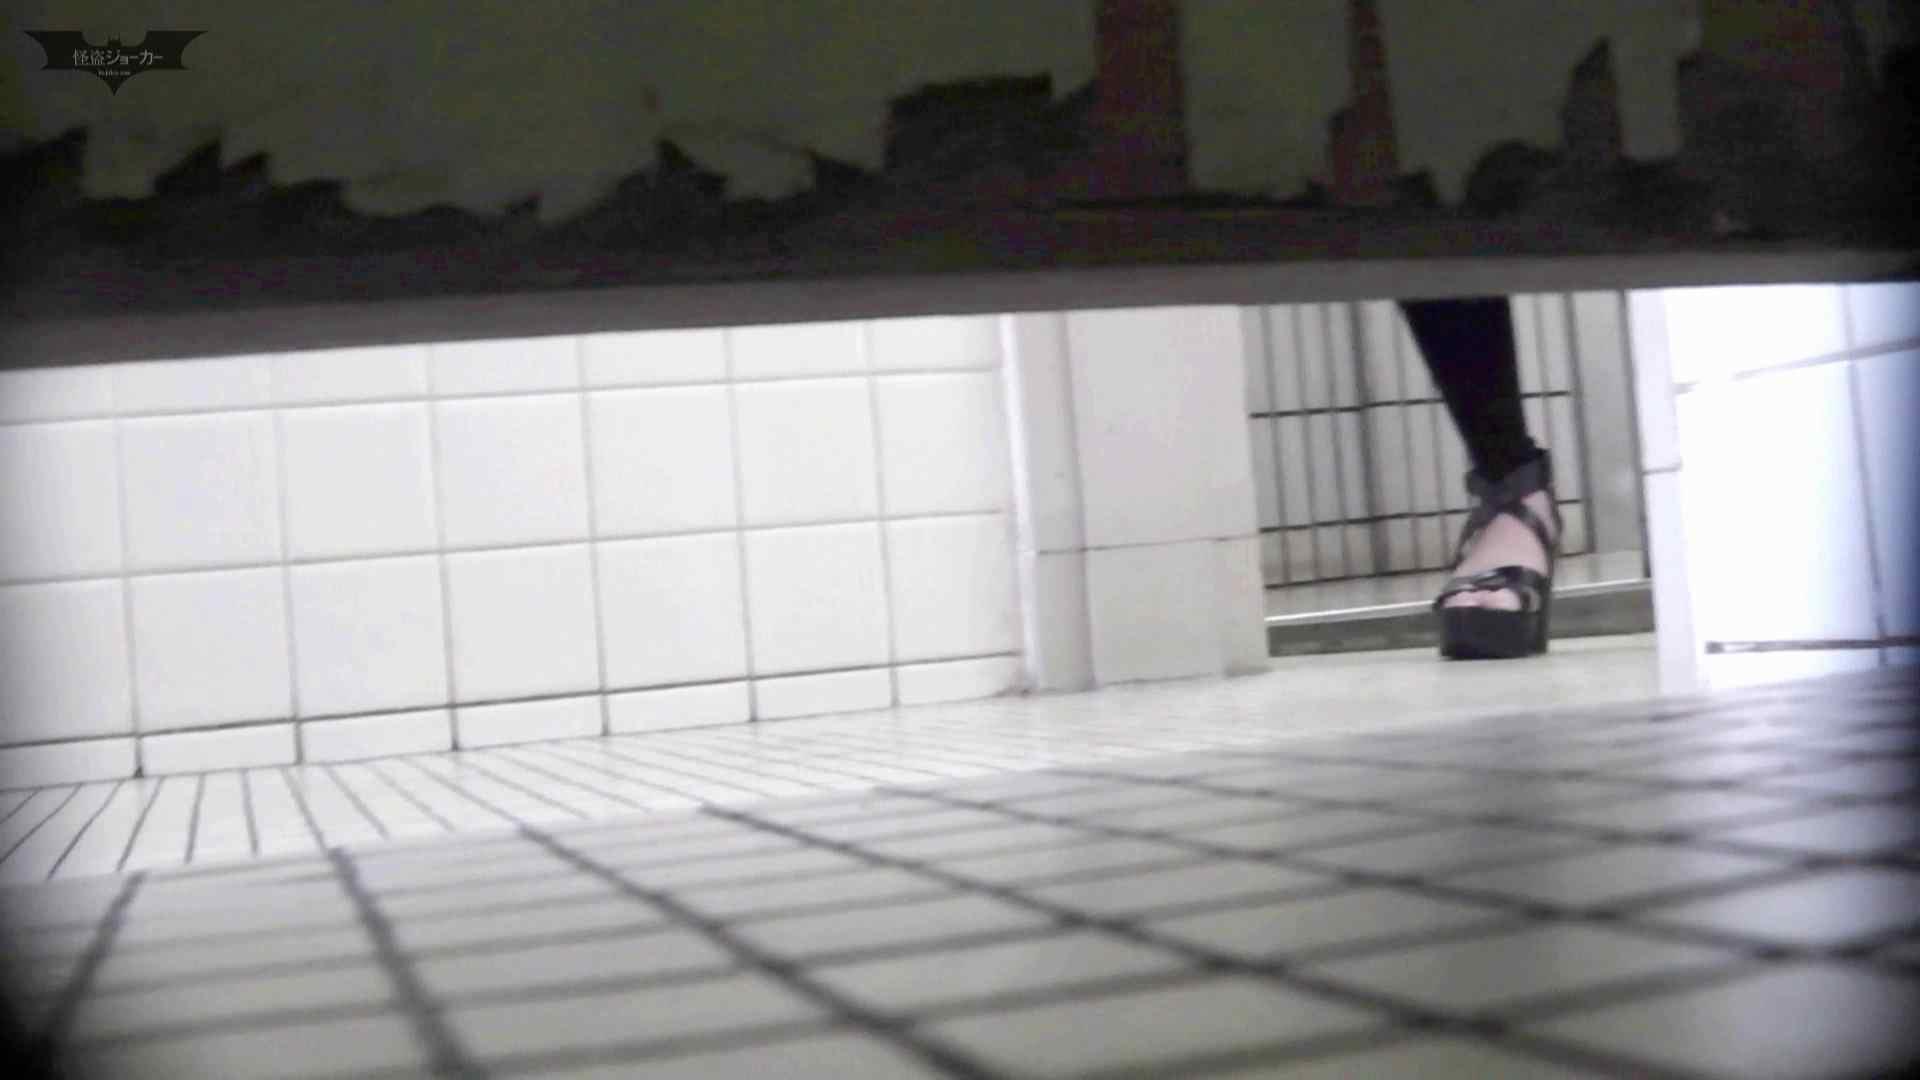 無修正エロ動画|洗面所特攻隊 vol.68 前回のスーパー美女がついに【2015・14位】|怪盗ジョーカー